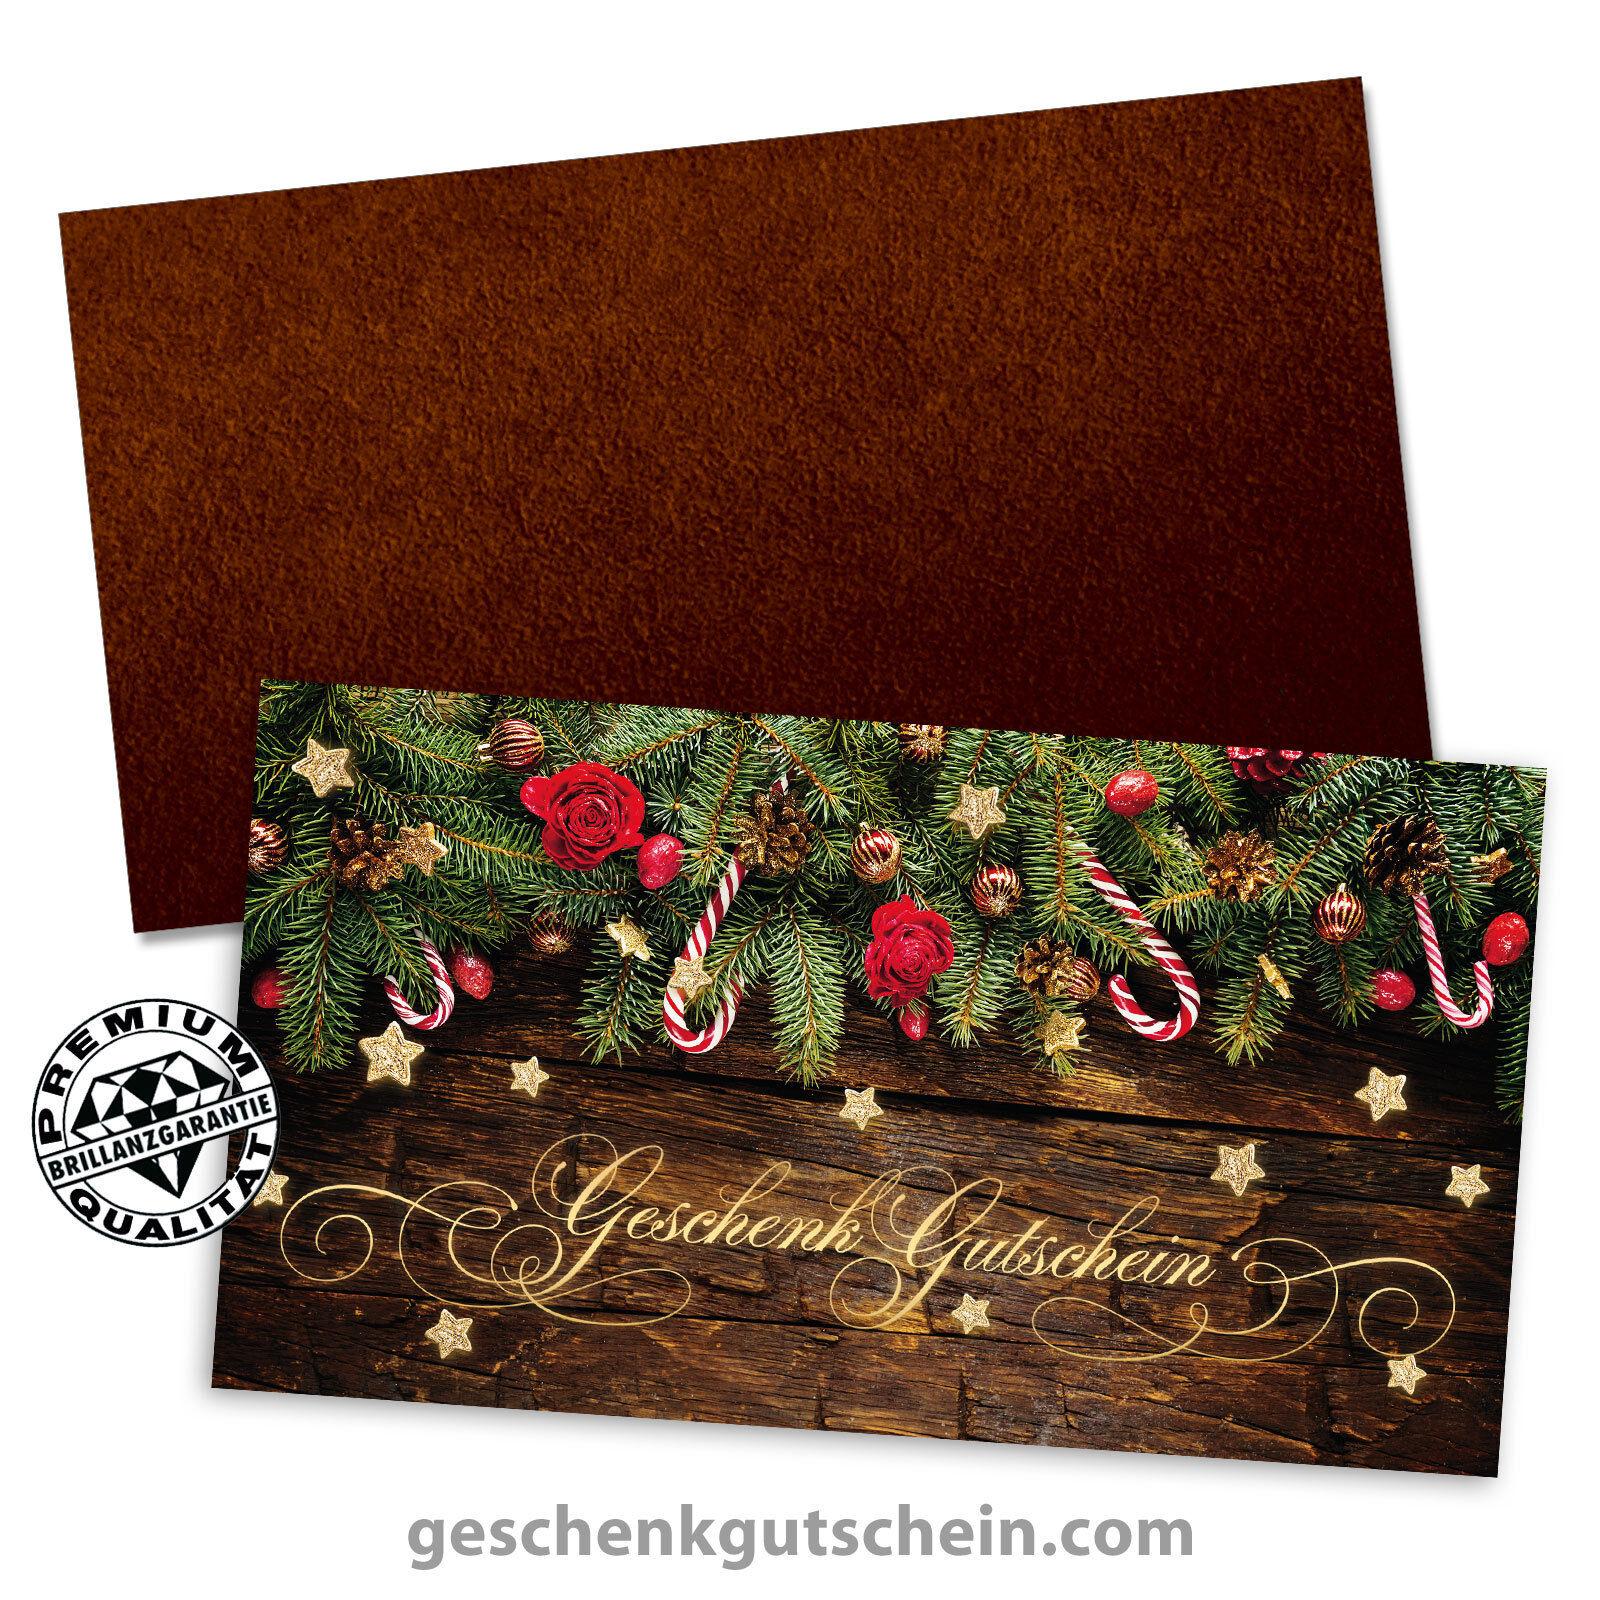 Weihnachts-Geschenkgutscheine mit KuGrüns für alle Branchen X1283